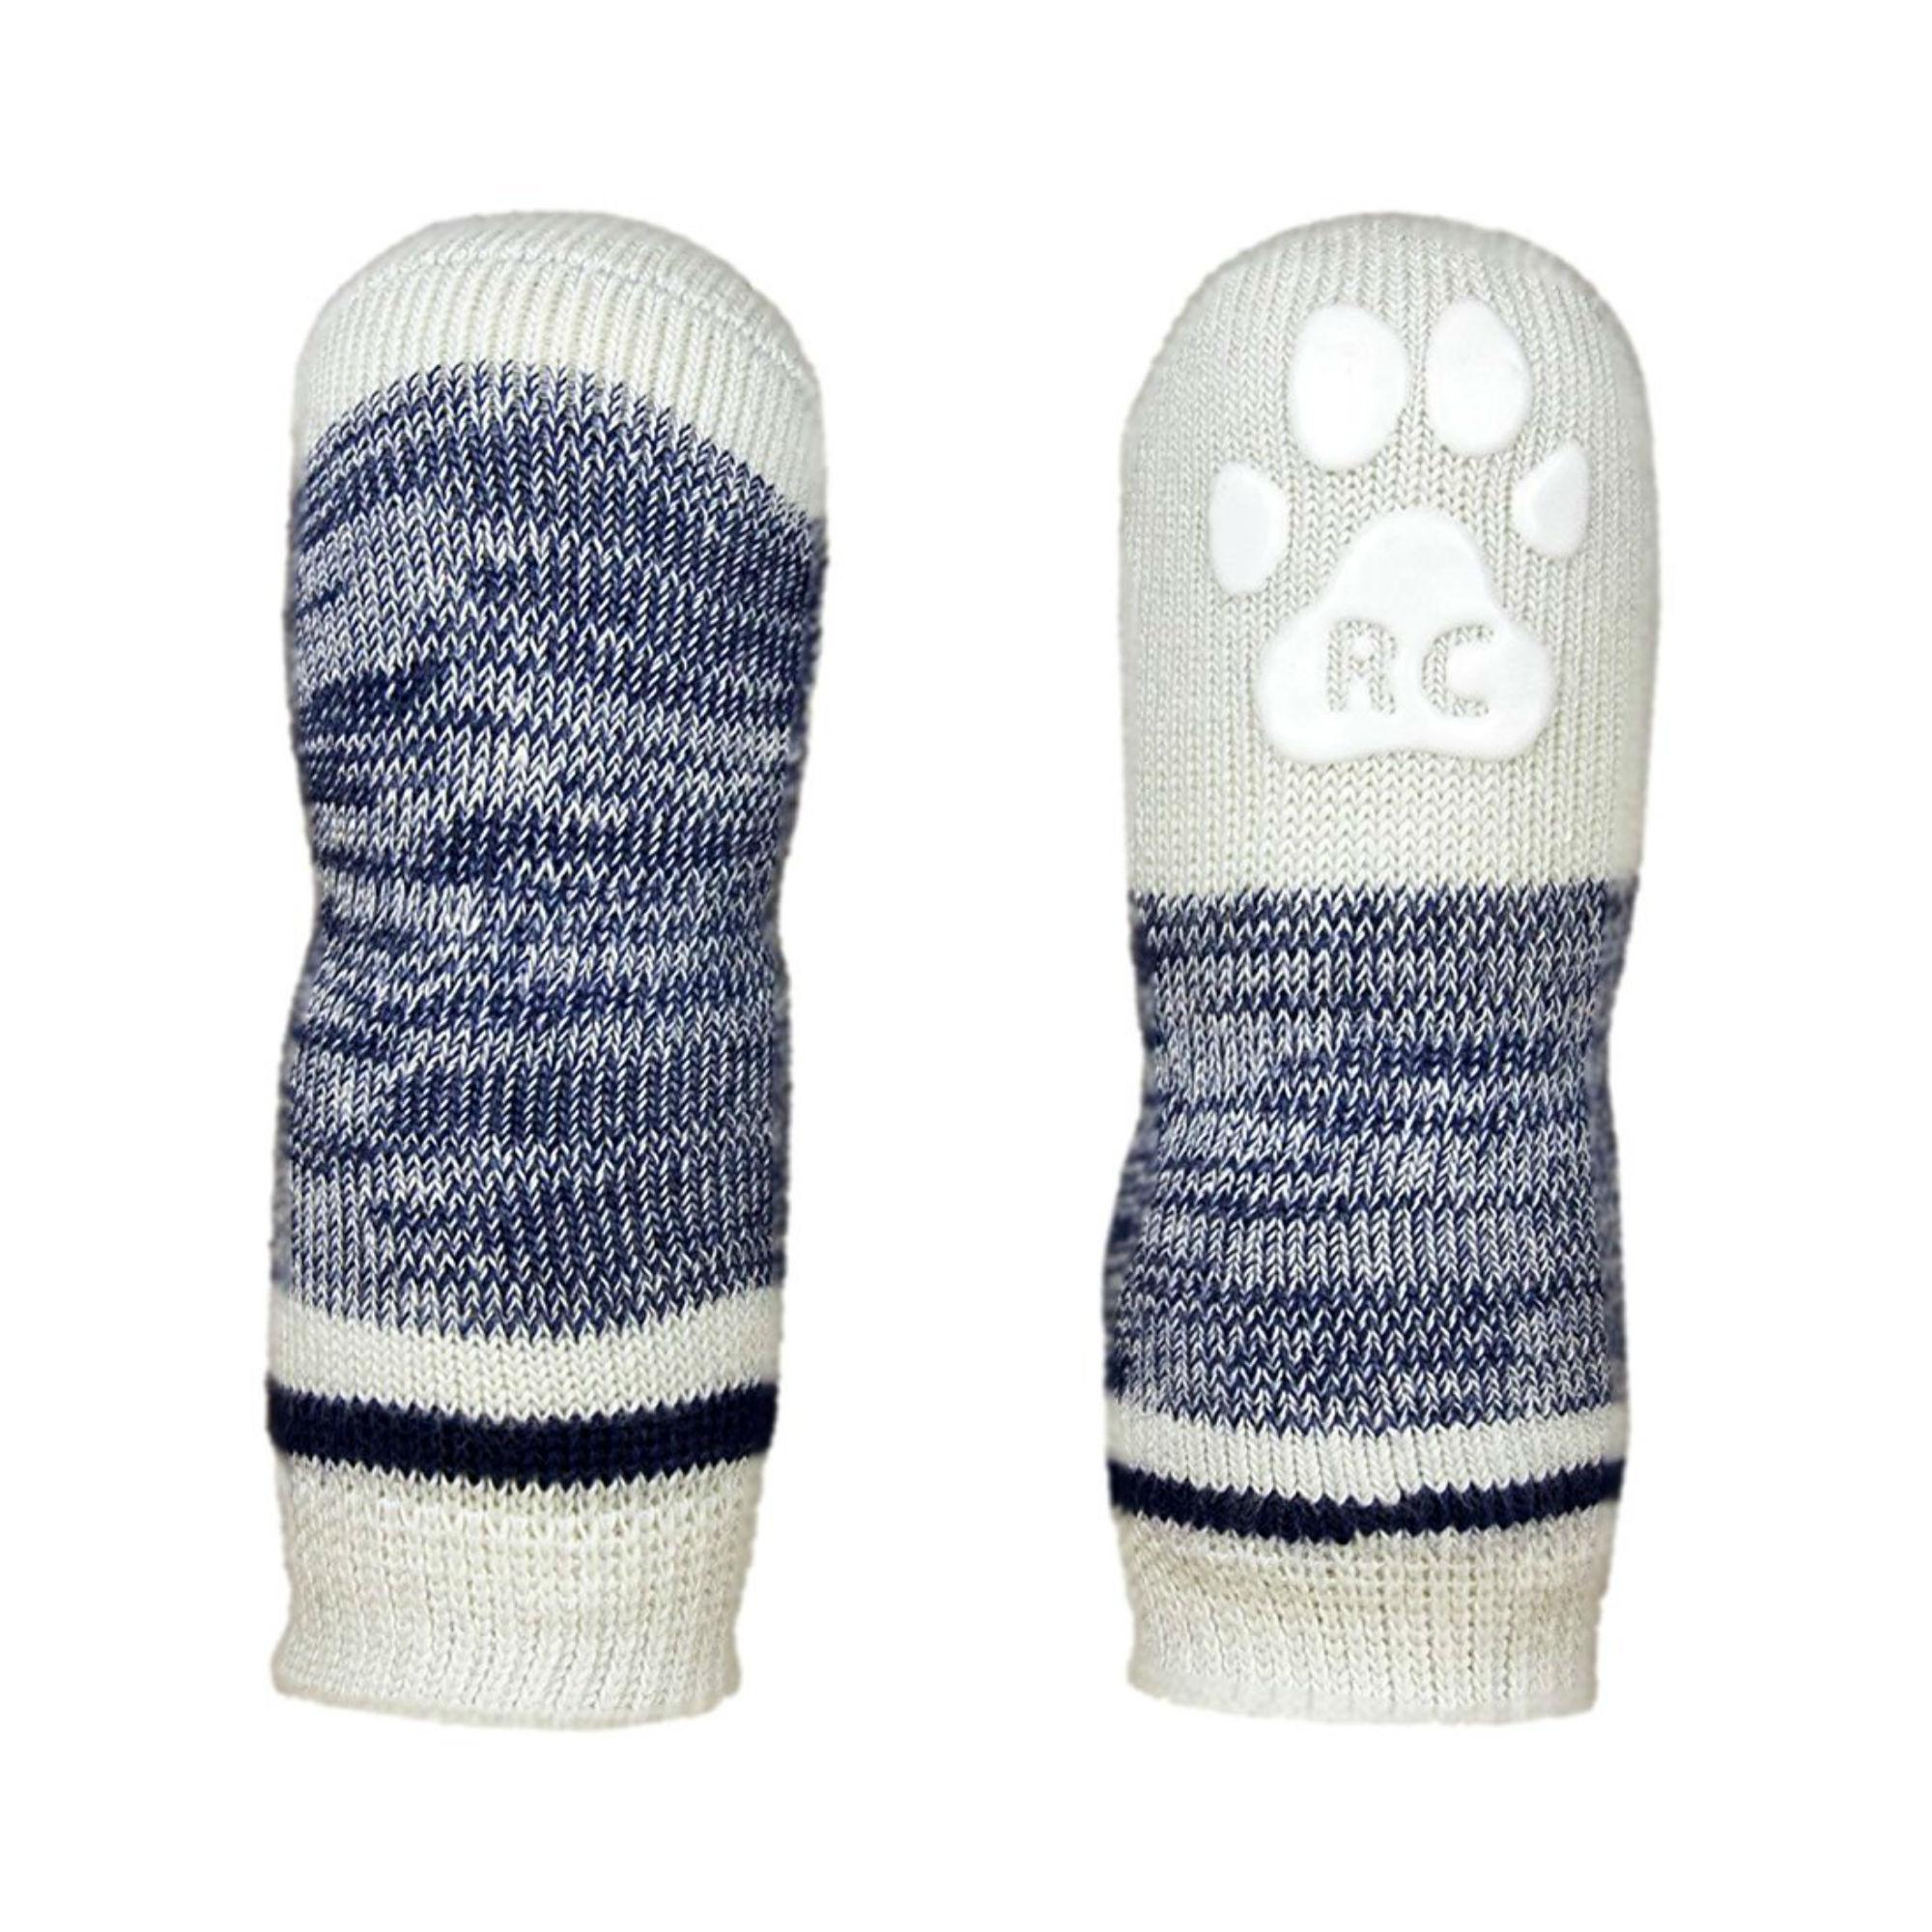 Melange PAWks Dog Socks - Navy